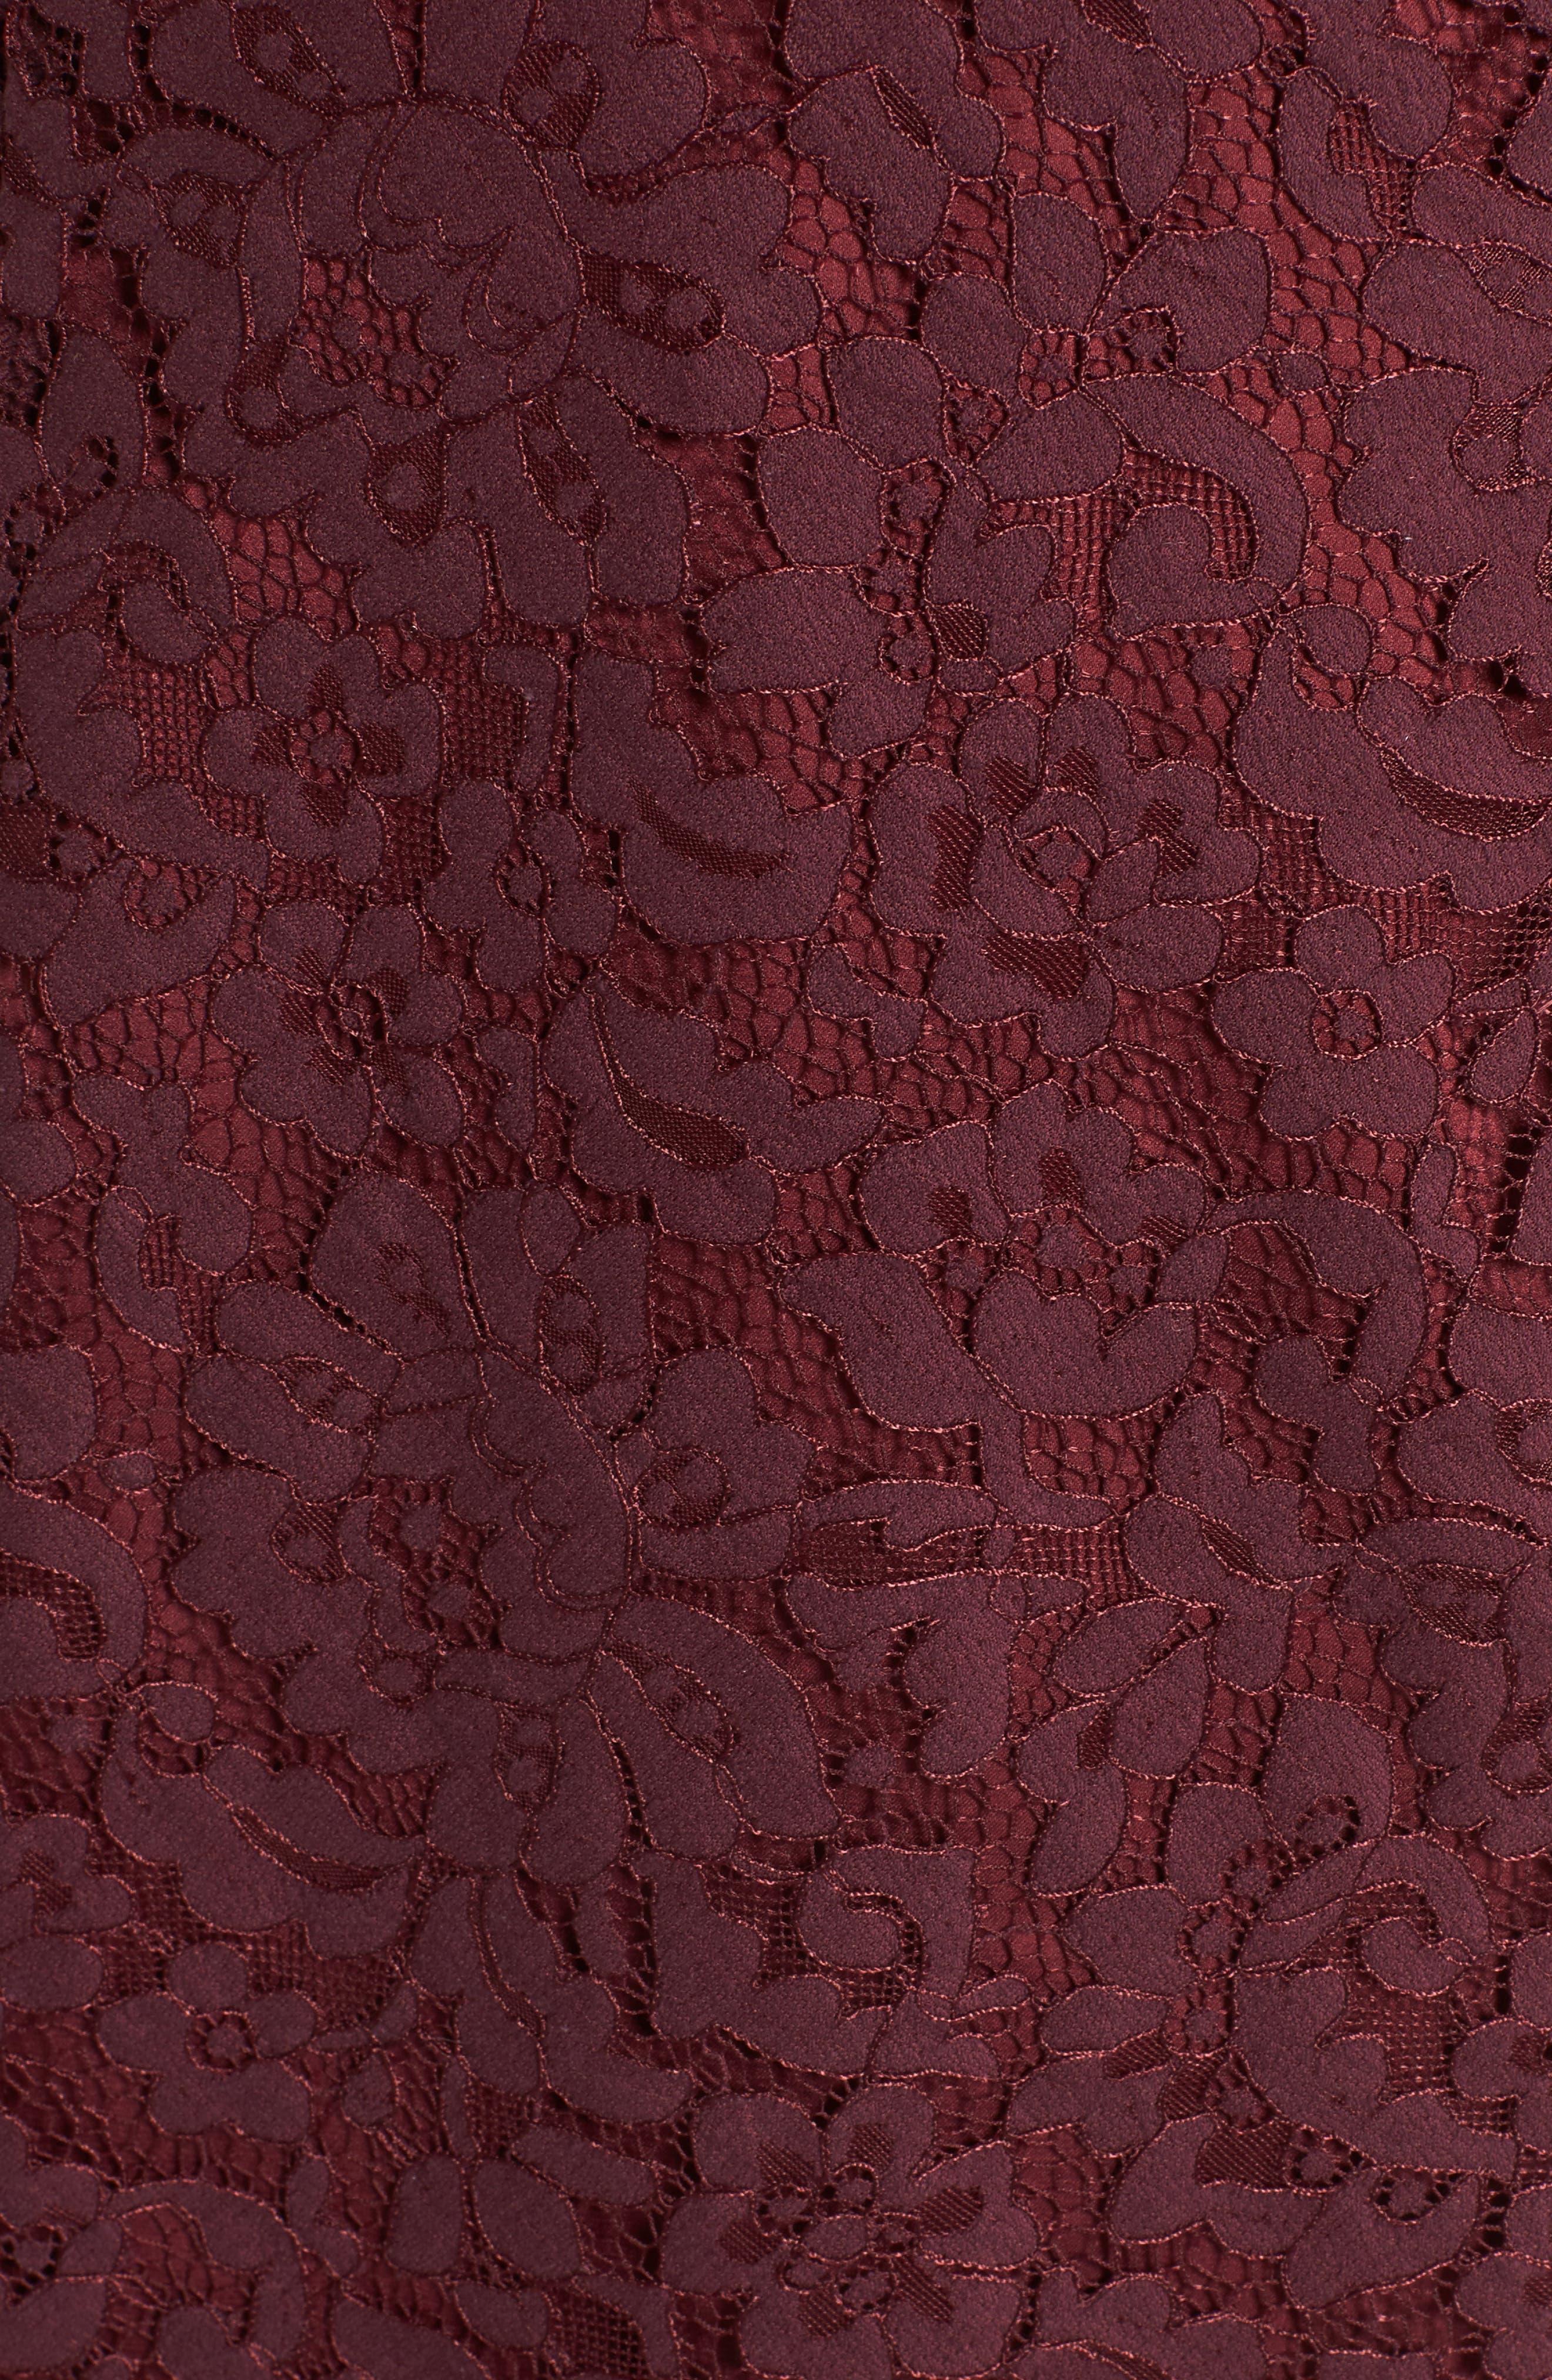 Skylight Lace Midi Dress,                             Alternate thumbnail 5, color,                             938